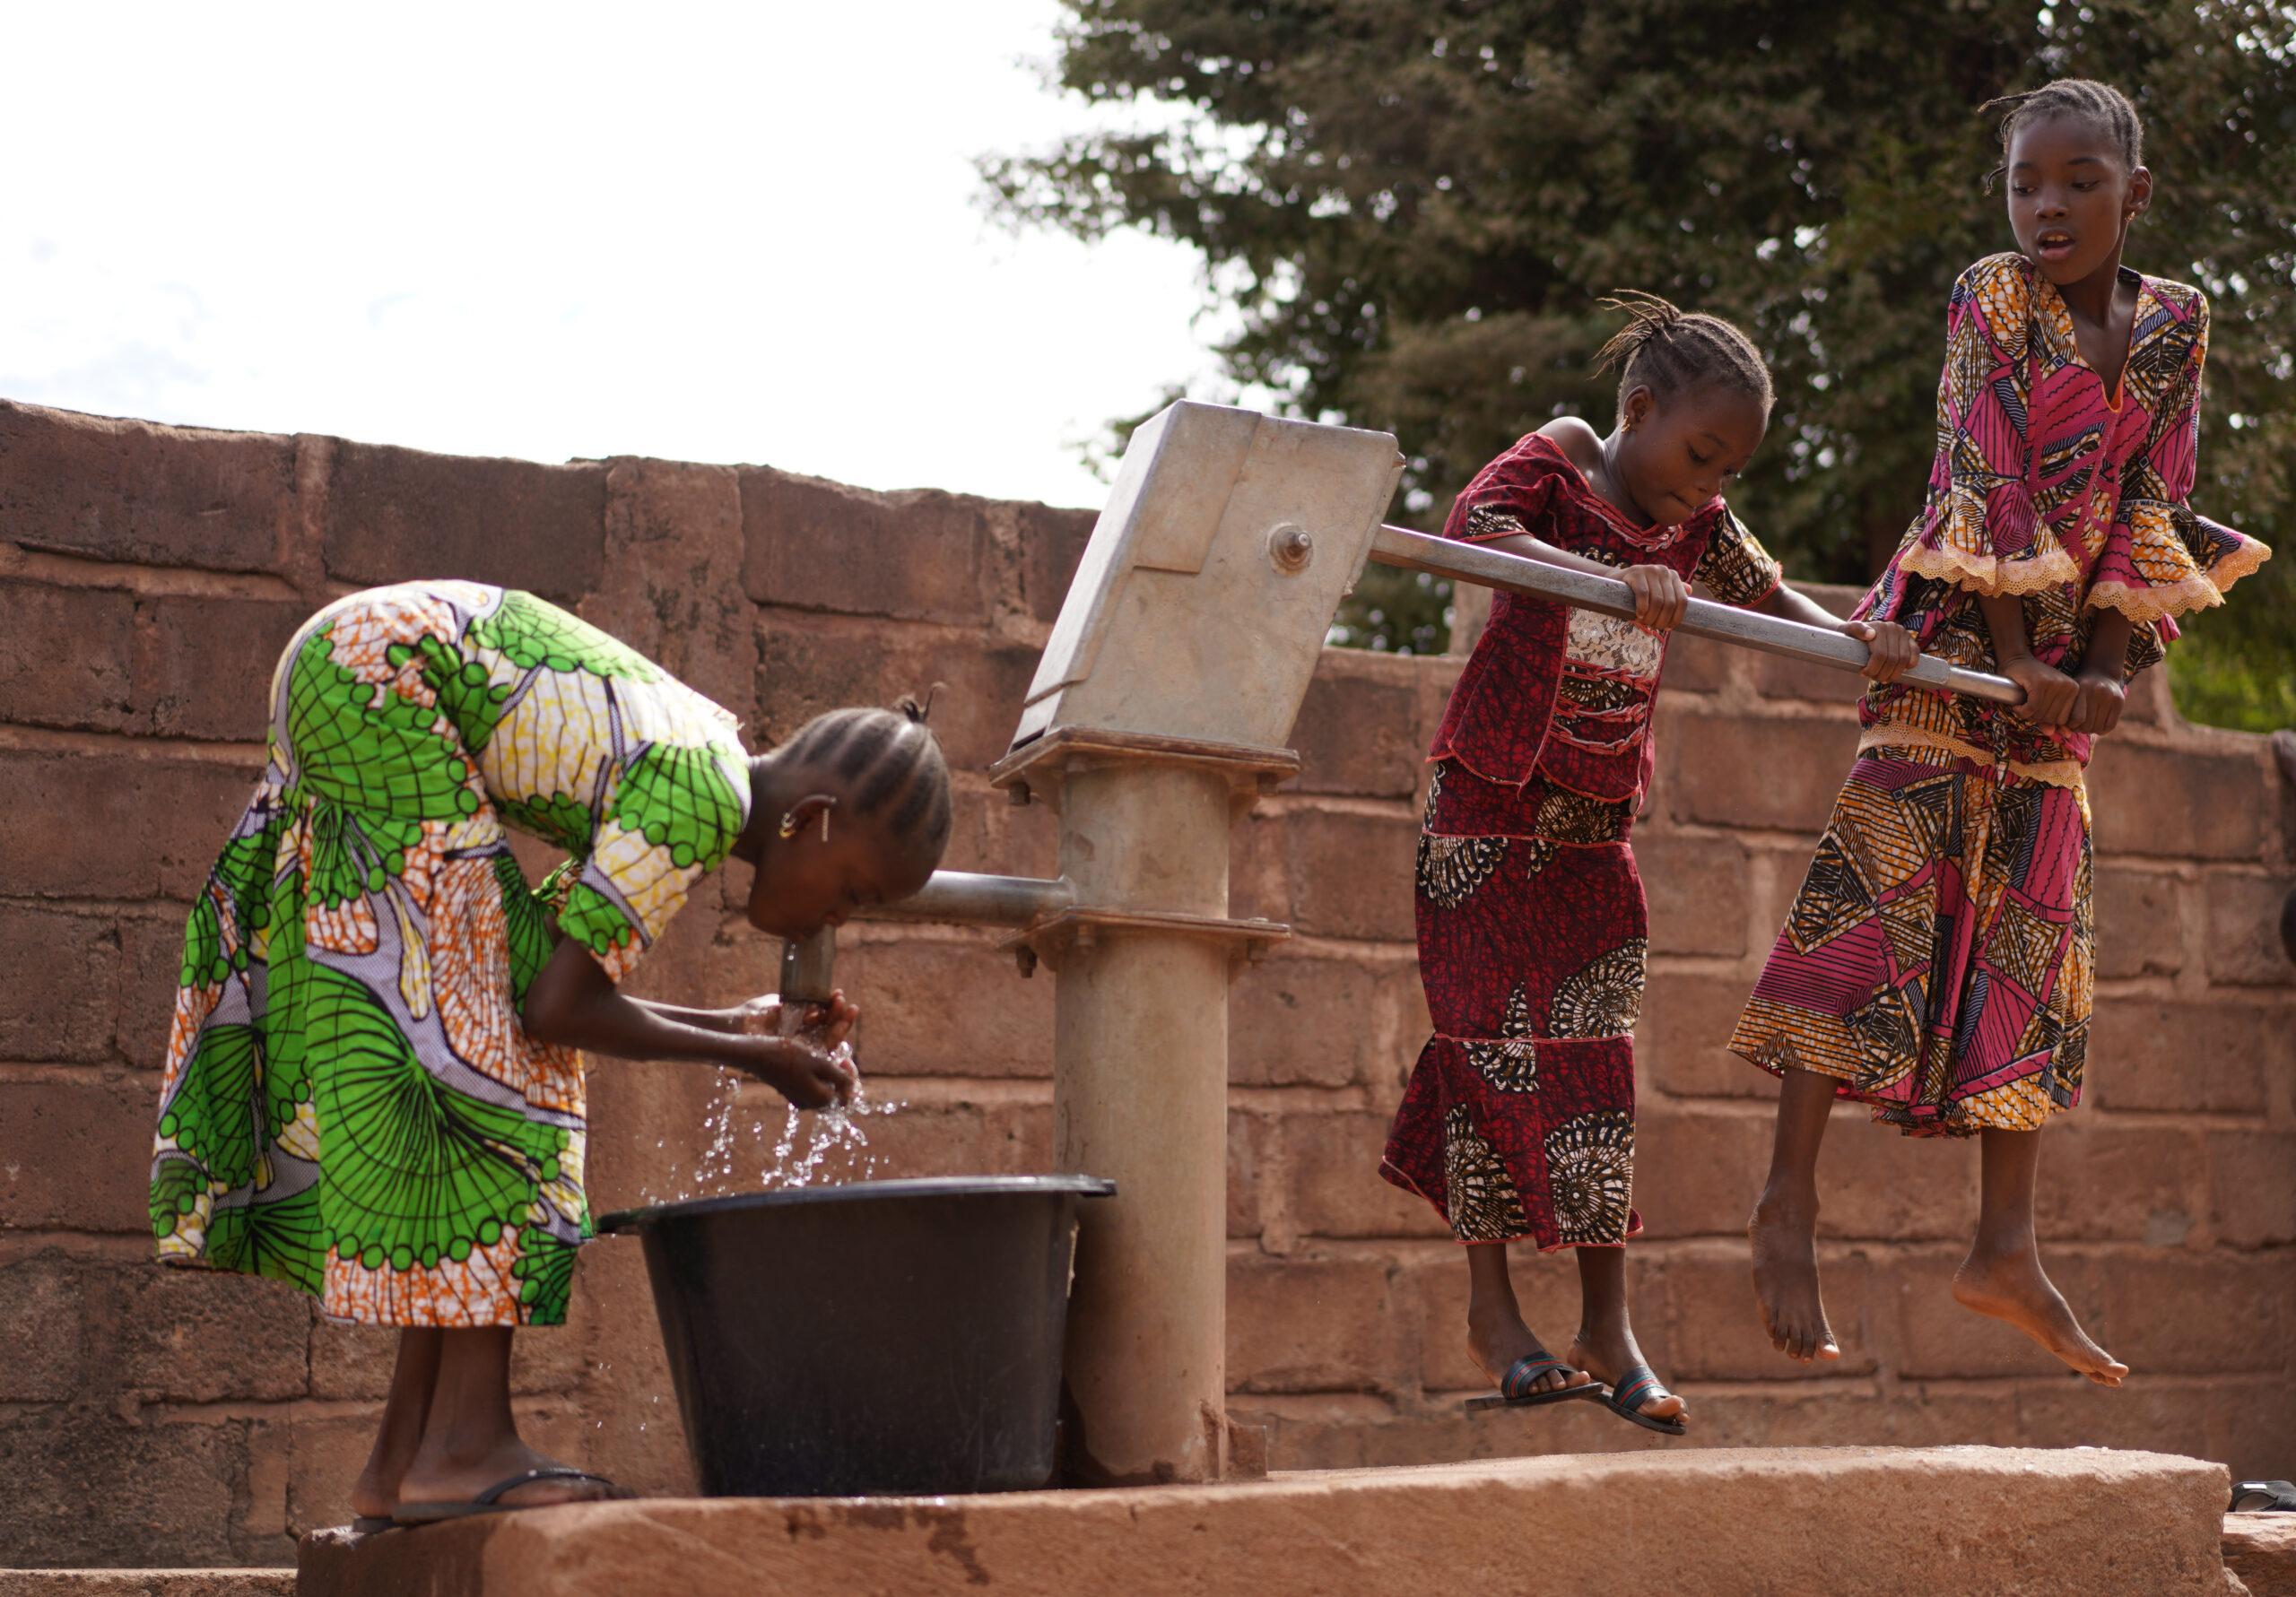 Water-bearing Women: More Than Mythology